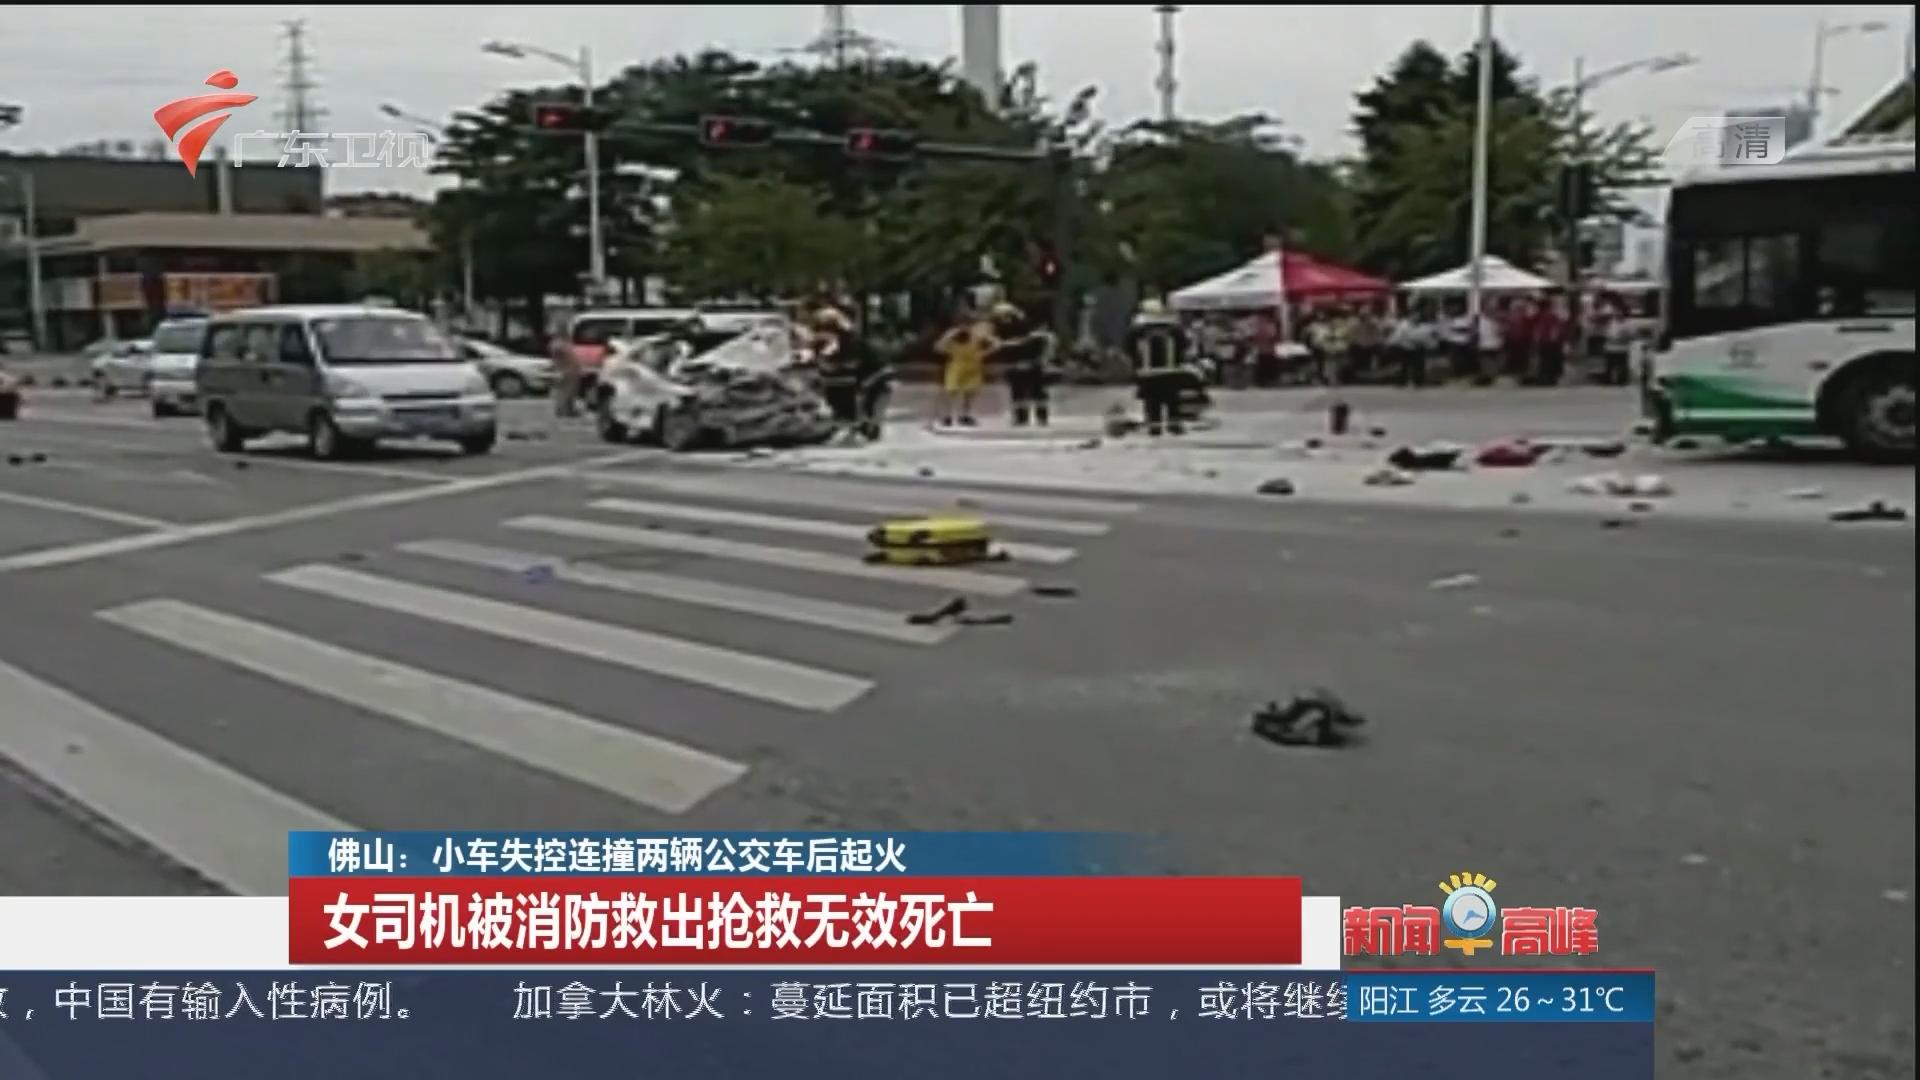 佛山:小车失控连撞两辆公交车后起火 女司机被消防救出抢救无效死亡